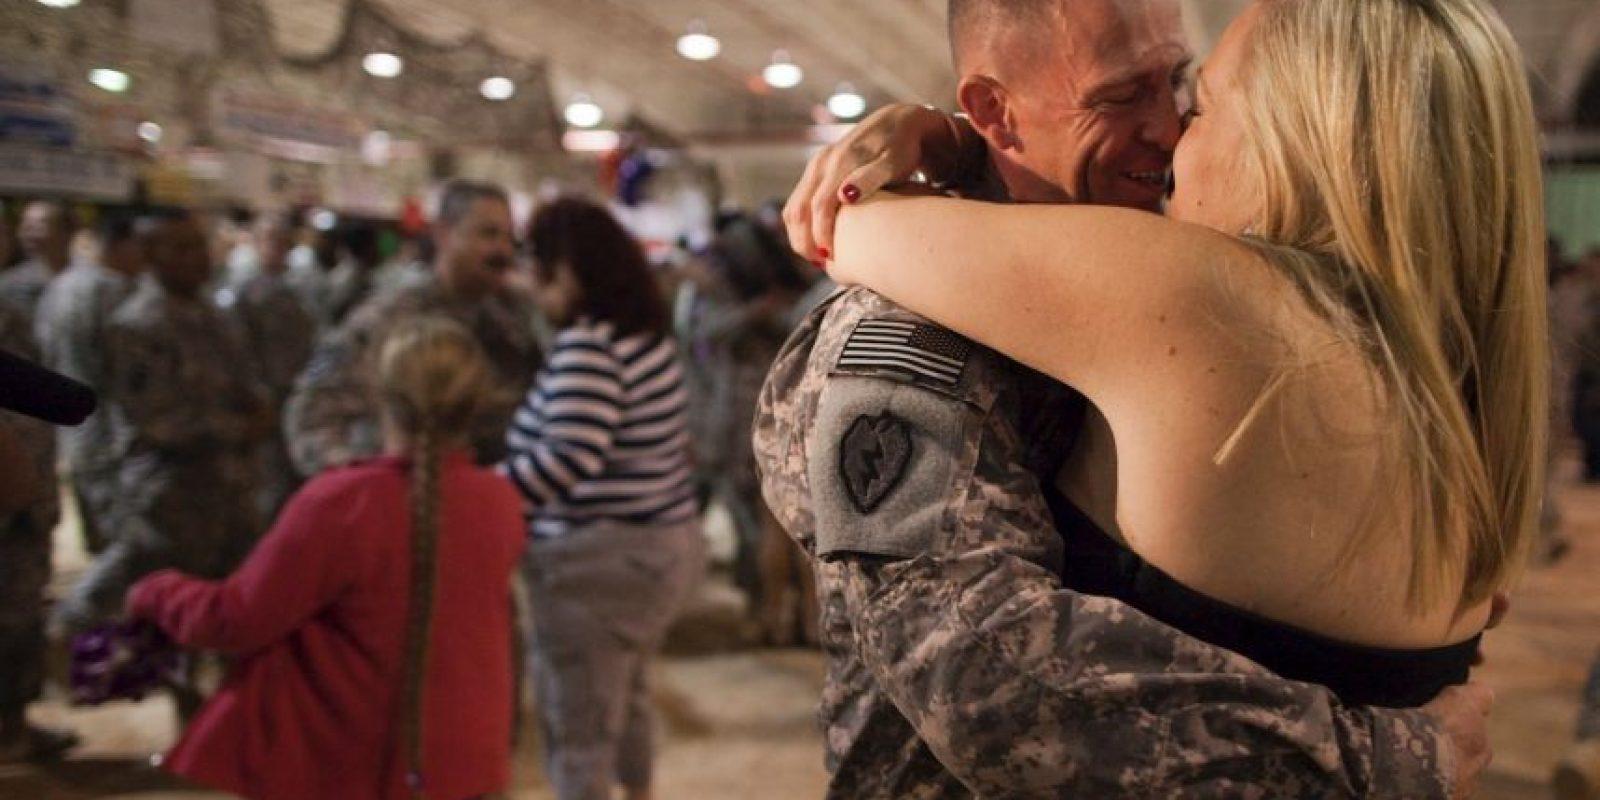 """Ya que, en el caso de que fuese la mujer, esto no correspondería a la famosa """"competencia de espermios"""" de la que se habla. Foto:Getty Images"""